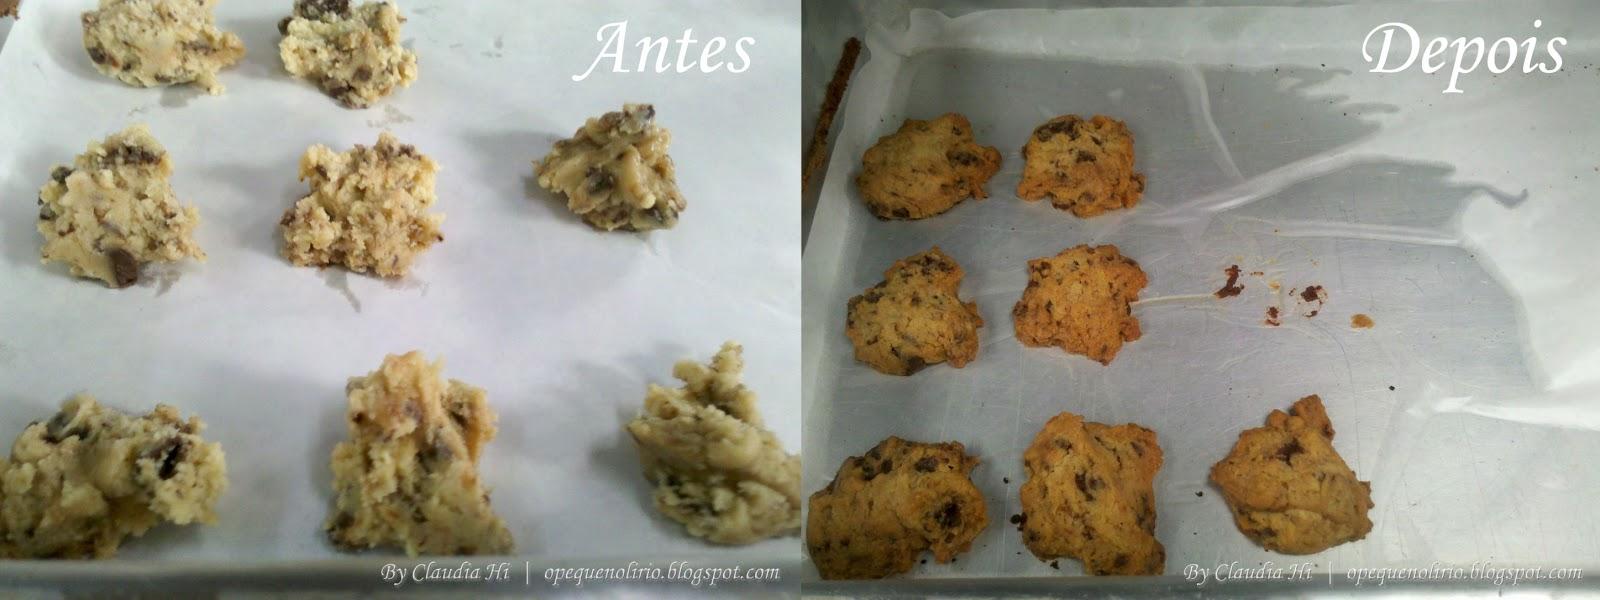 Cookies com Gotas de Chocolate antes e depois